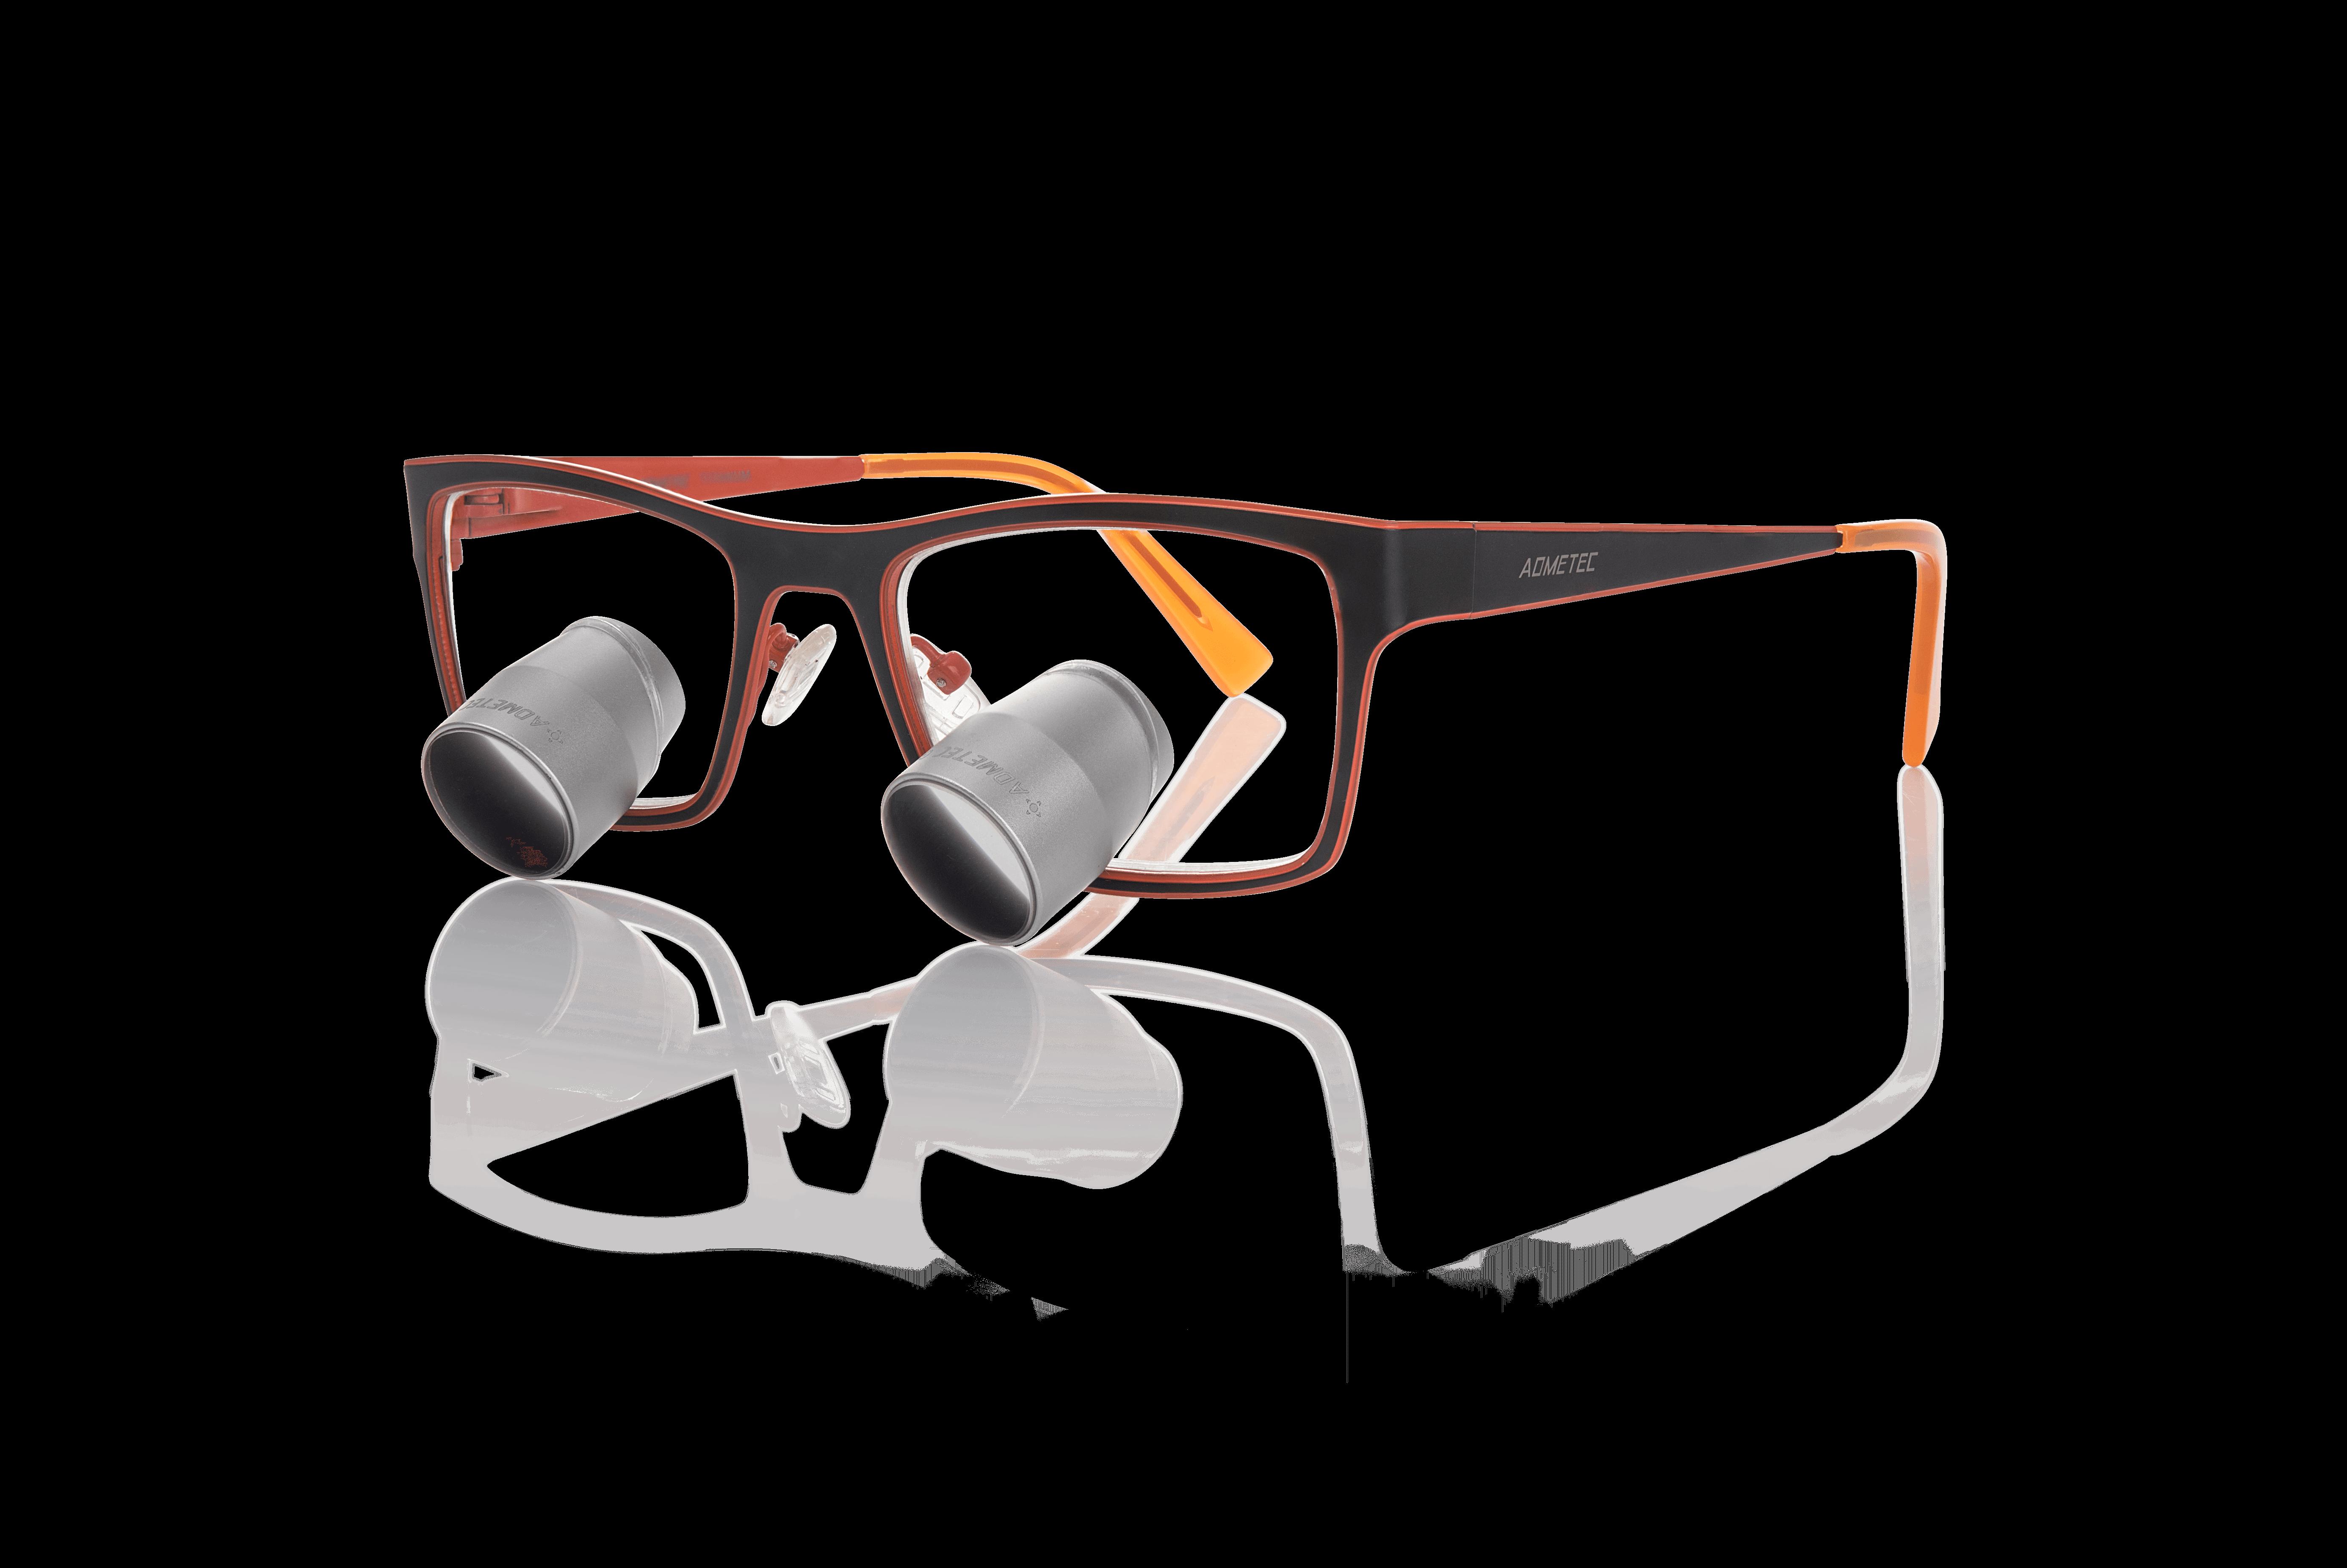 משקפי הגדלה גליליים | 2.7